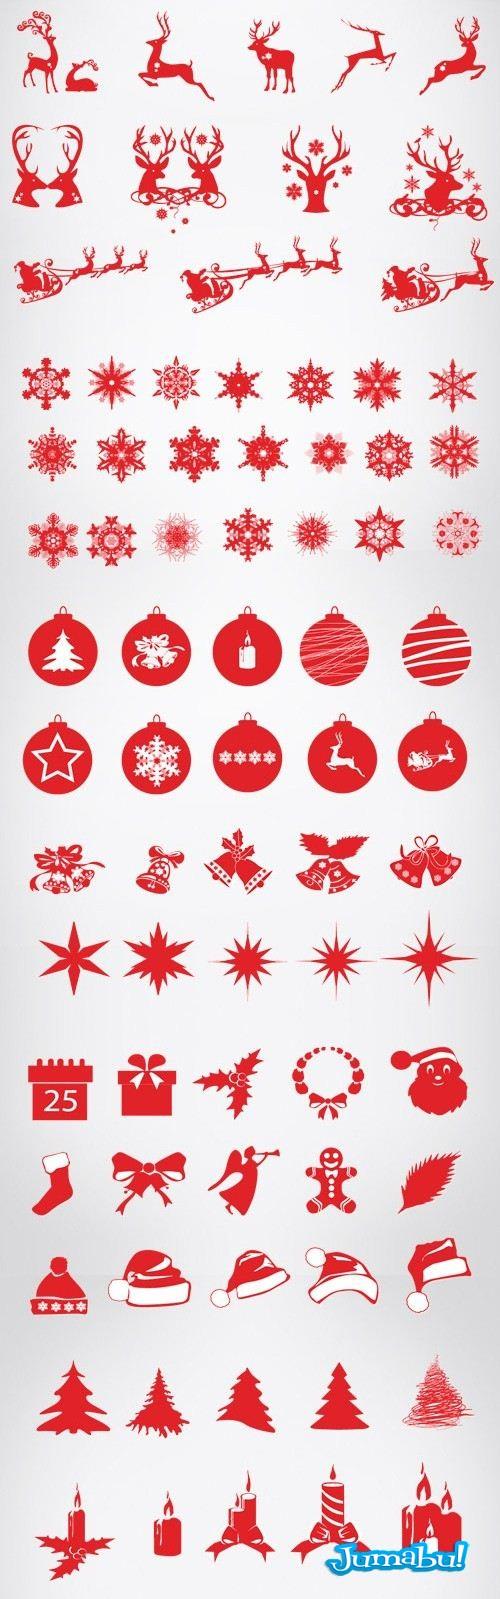 siluetas-elementos-navidad